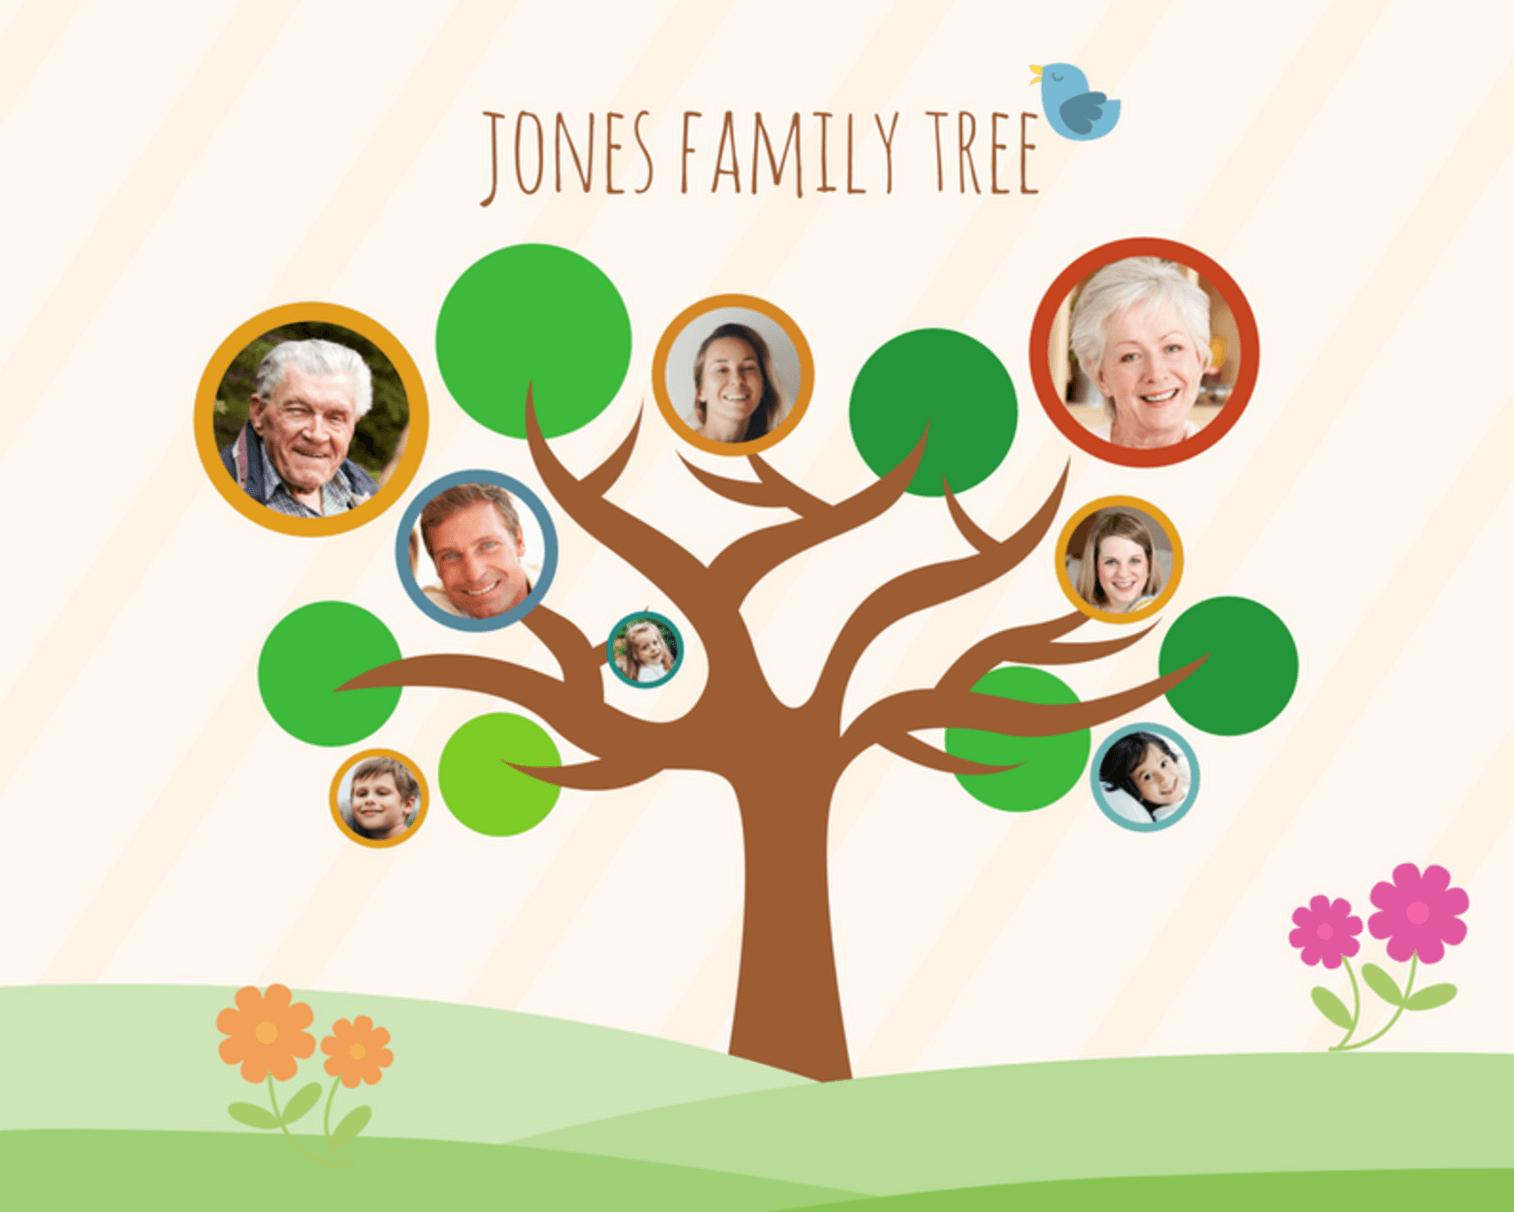 Free Online Family Tree Maker: Design A Custom Family Tree - Canva - Family Tree Maker Online Free Printable